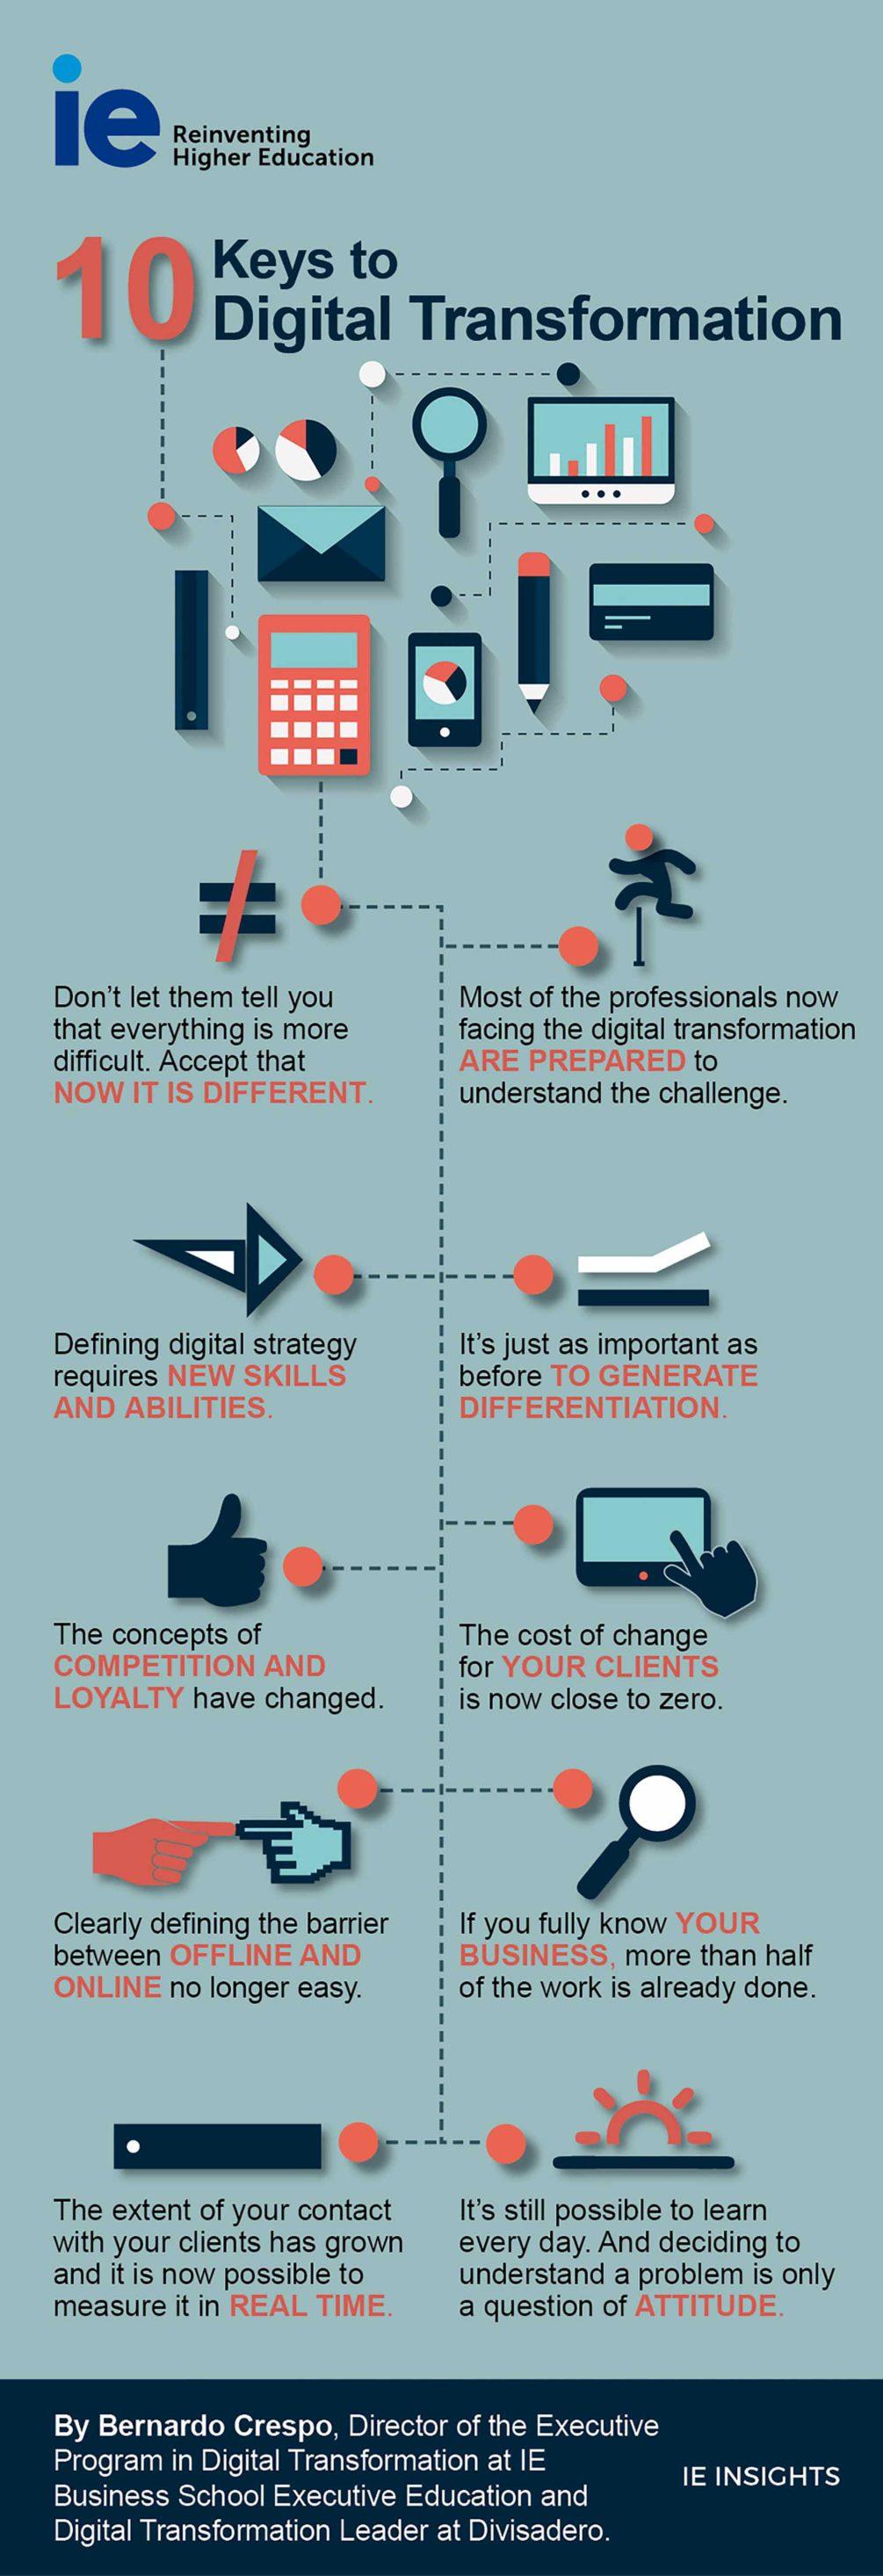 Ten Keys to Digital Transformation